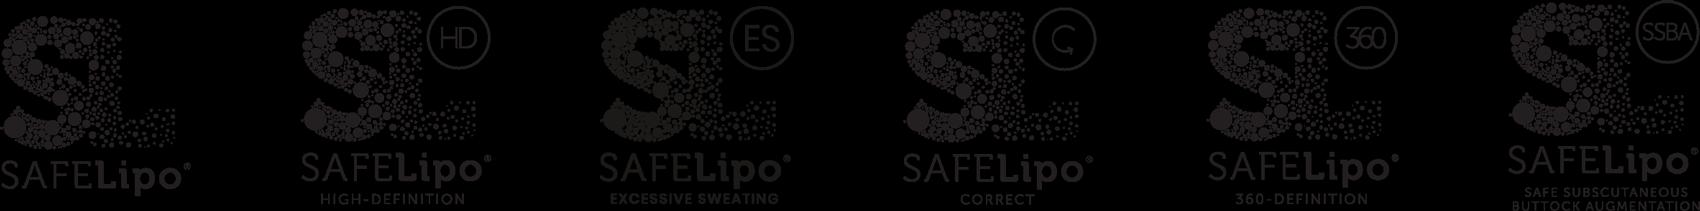 SAFELipo Logos